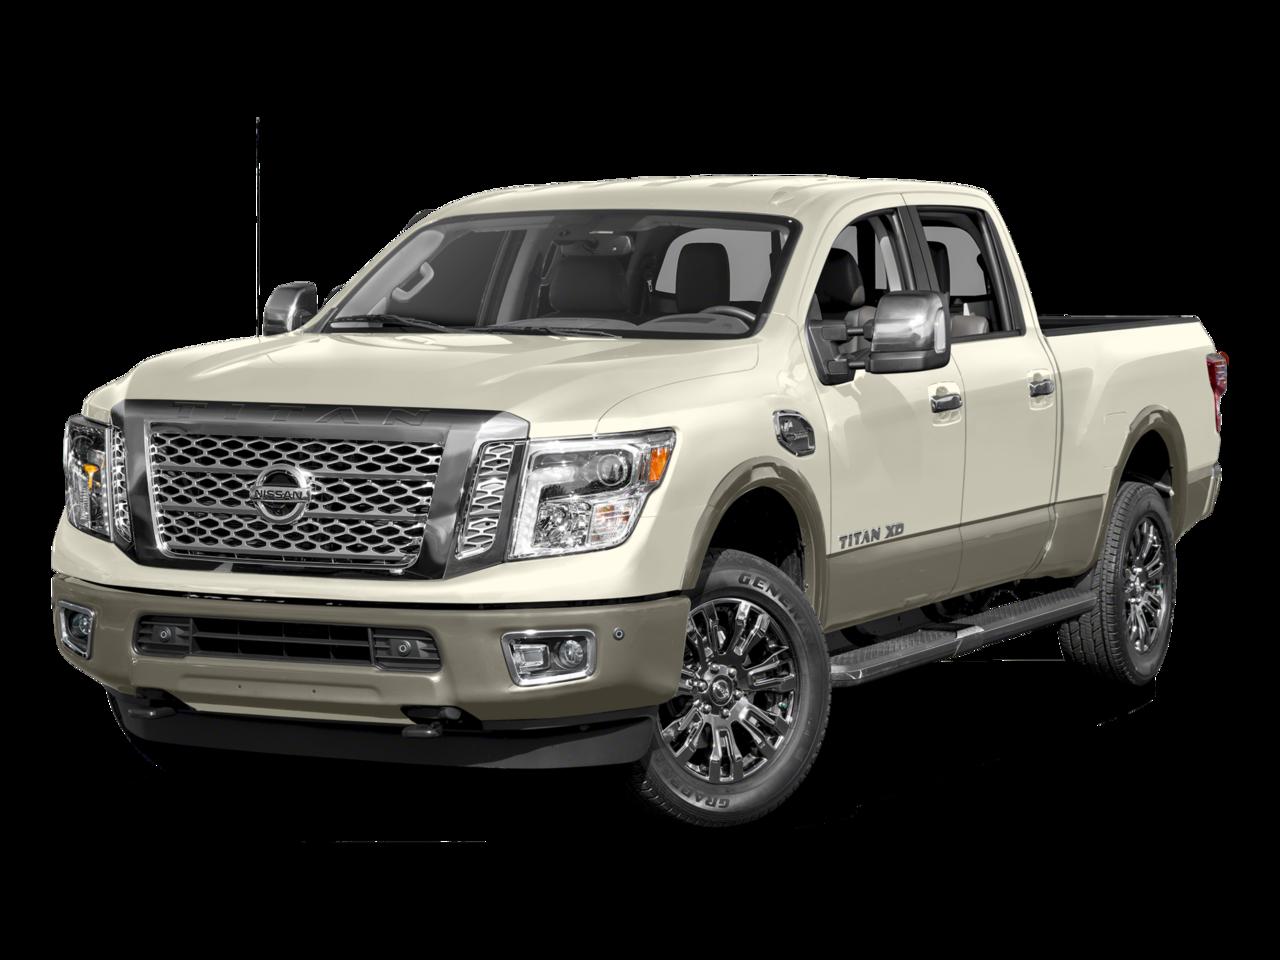 2017 Nissan Titan XD Pickup truck 2018 Nissan Titan XD Platinum ... png stock